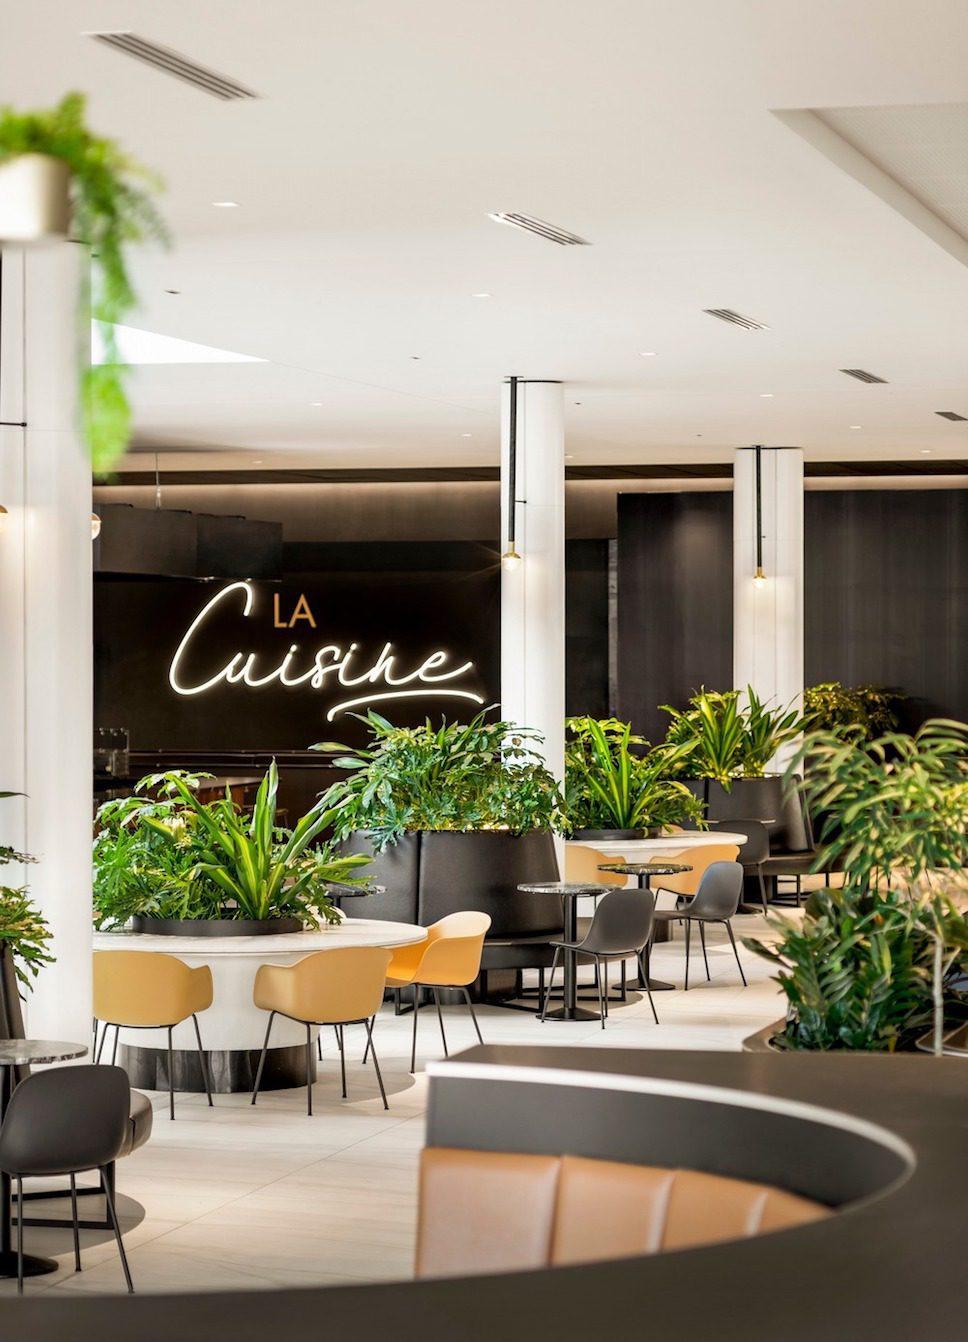 La Cuisine   Humà Design + Architecture and Architecture49 - Enki ...